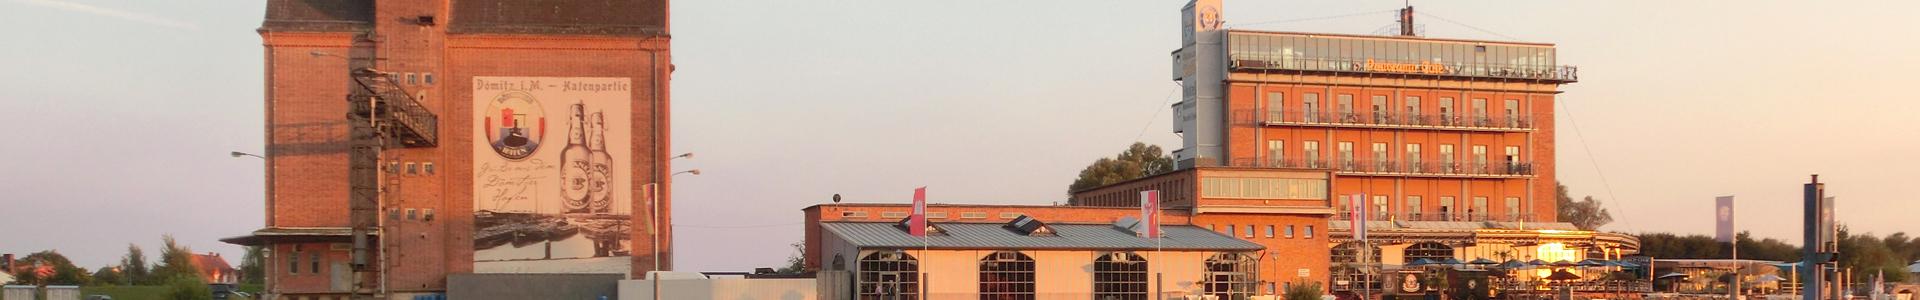 Abendsonne mit Hafenpanorama in Dömitz - Foto: Jörg Reichel